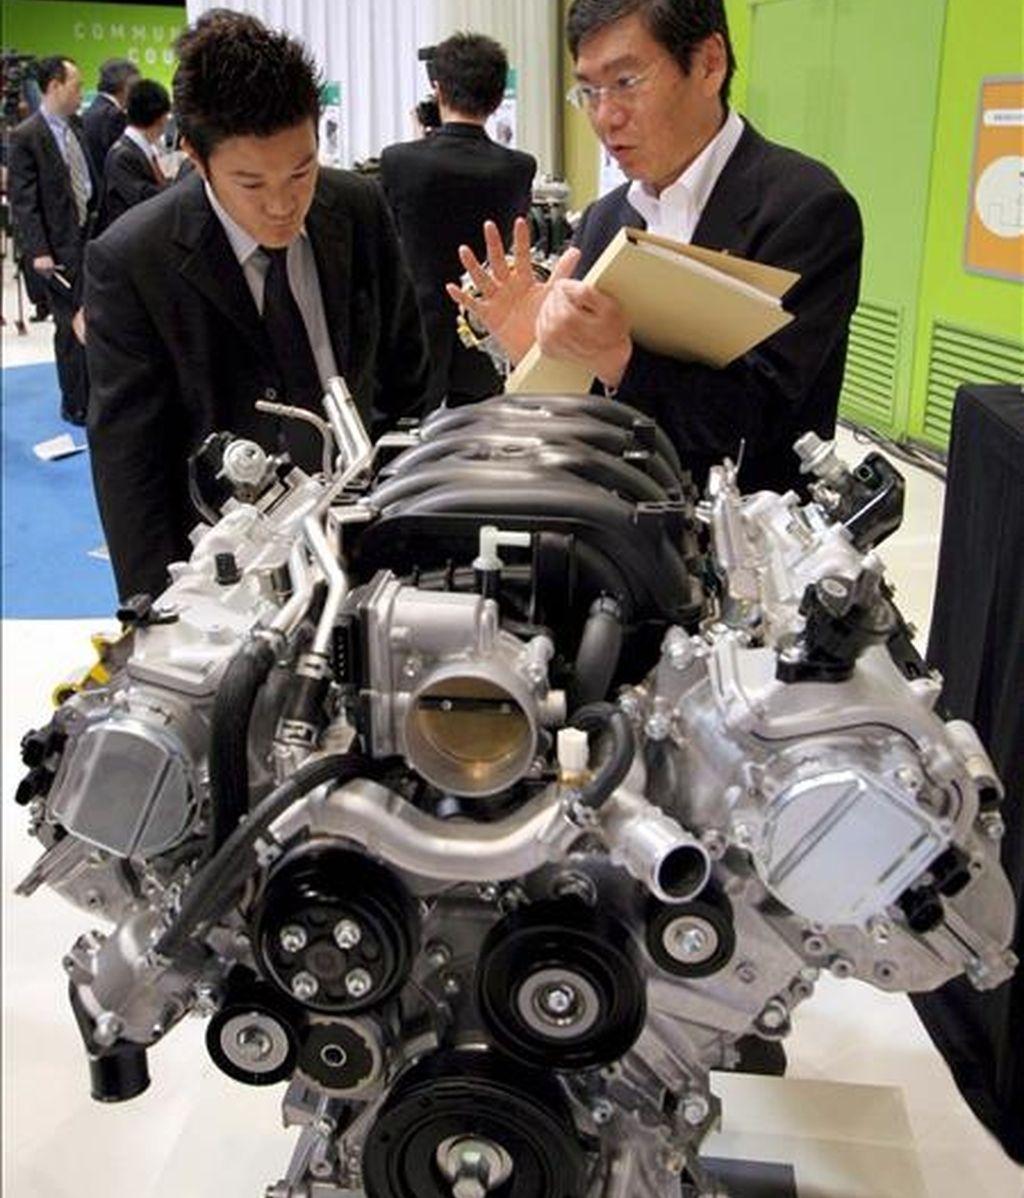 En la imagen, un empleado de Toyota Motor presenta un nuevo motor durante la presentación de los nuevos plantes de desarrollo de tecnologías medioambientales en Tokio, Japón. EFE/Archivo